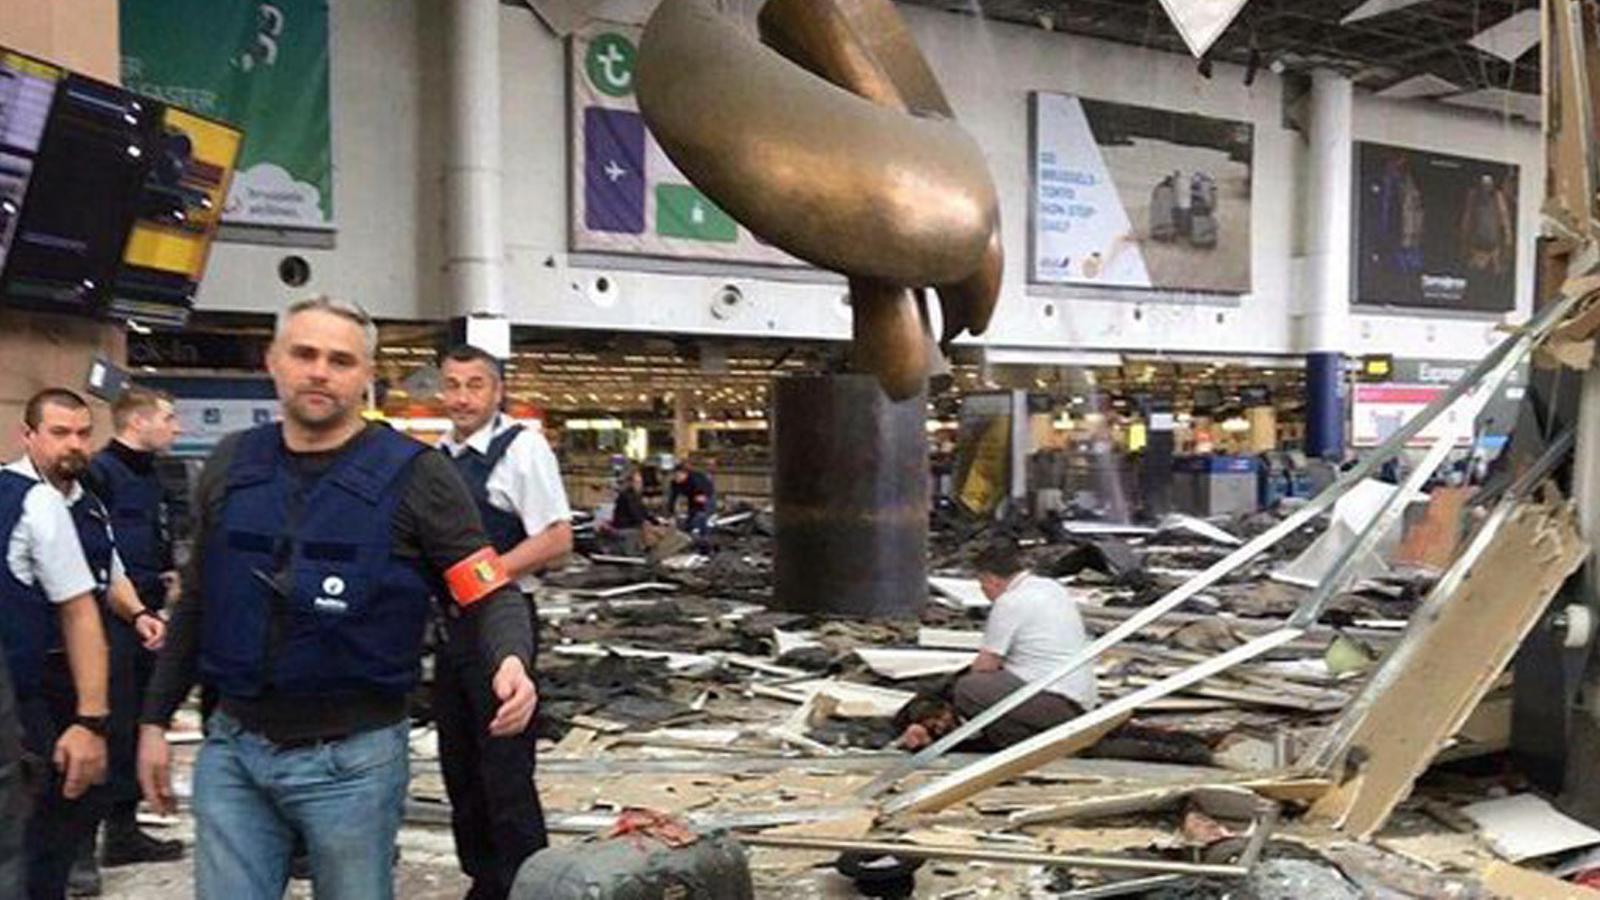 Recull de vídeos de les explosions a l'aeroport Zaventem i l'estació de metro Maelbeek de Brussel·les